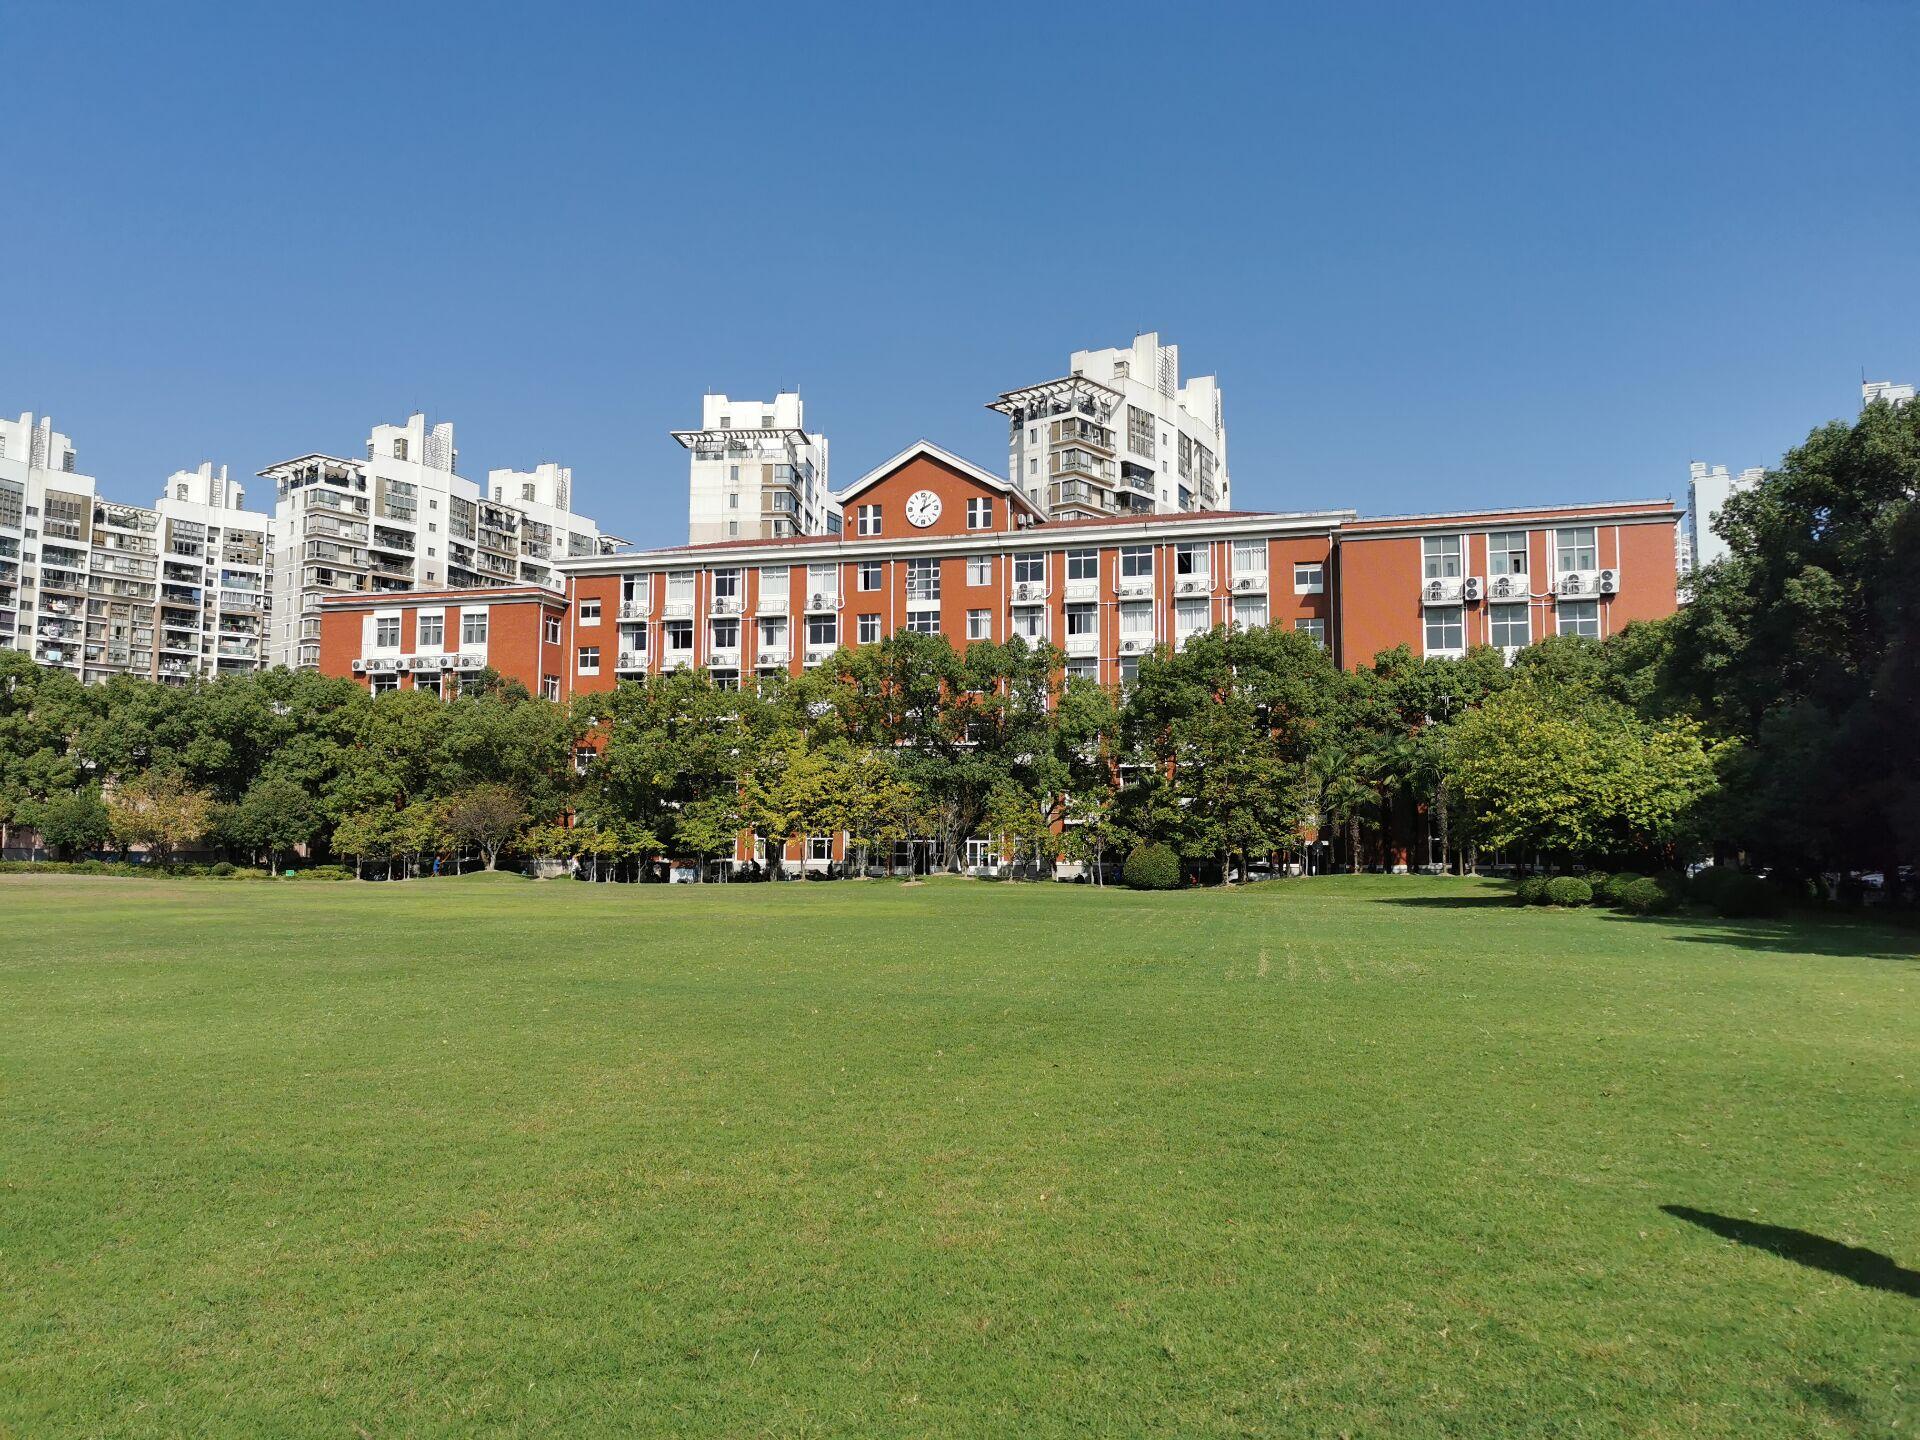 上海大学延长校区重游新拍3.jpg